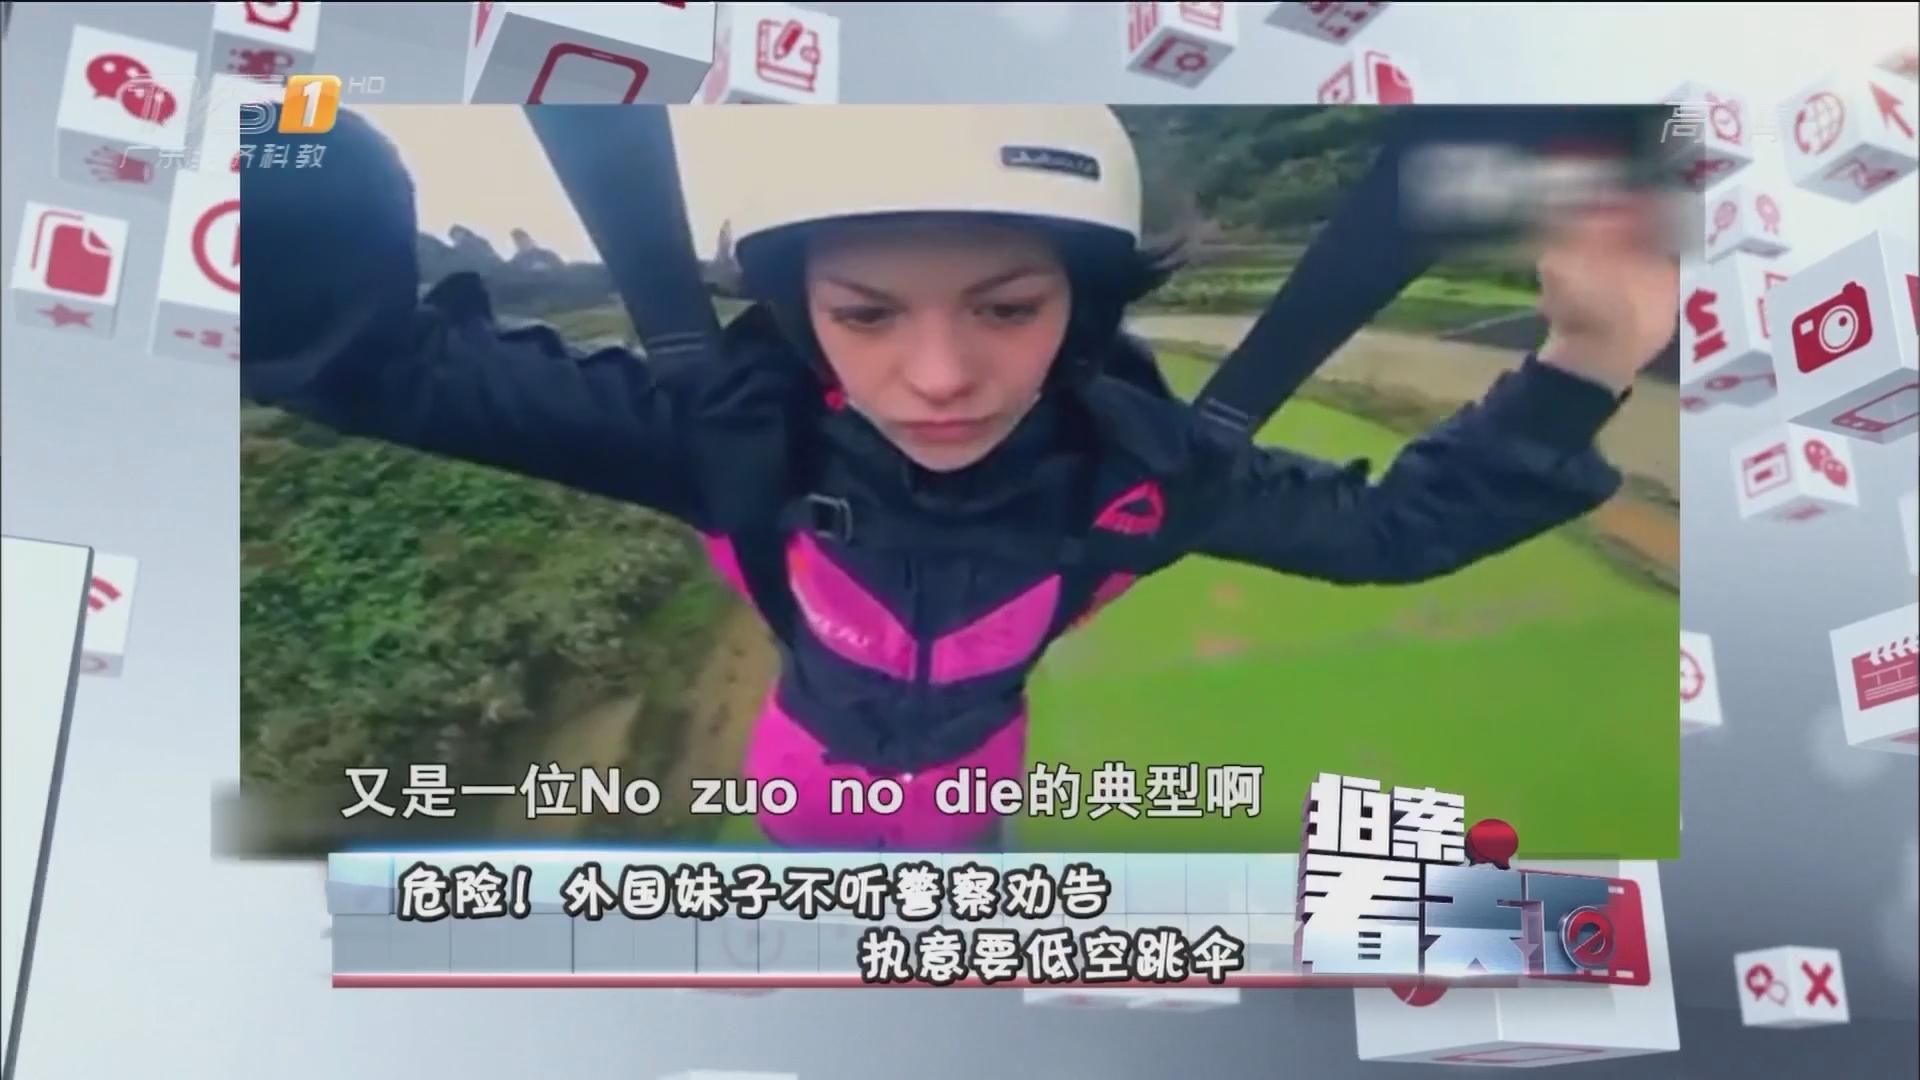 危险!外国妹子不听警察劝告 执意要低空跳伞